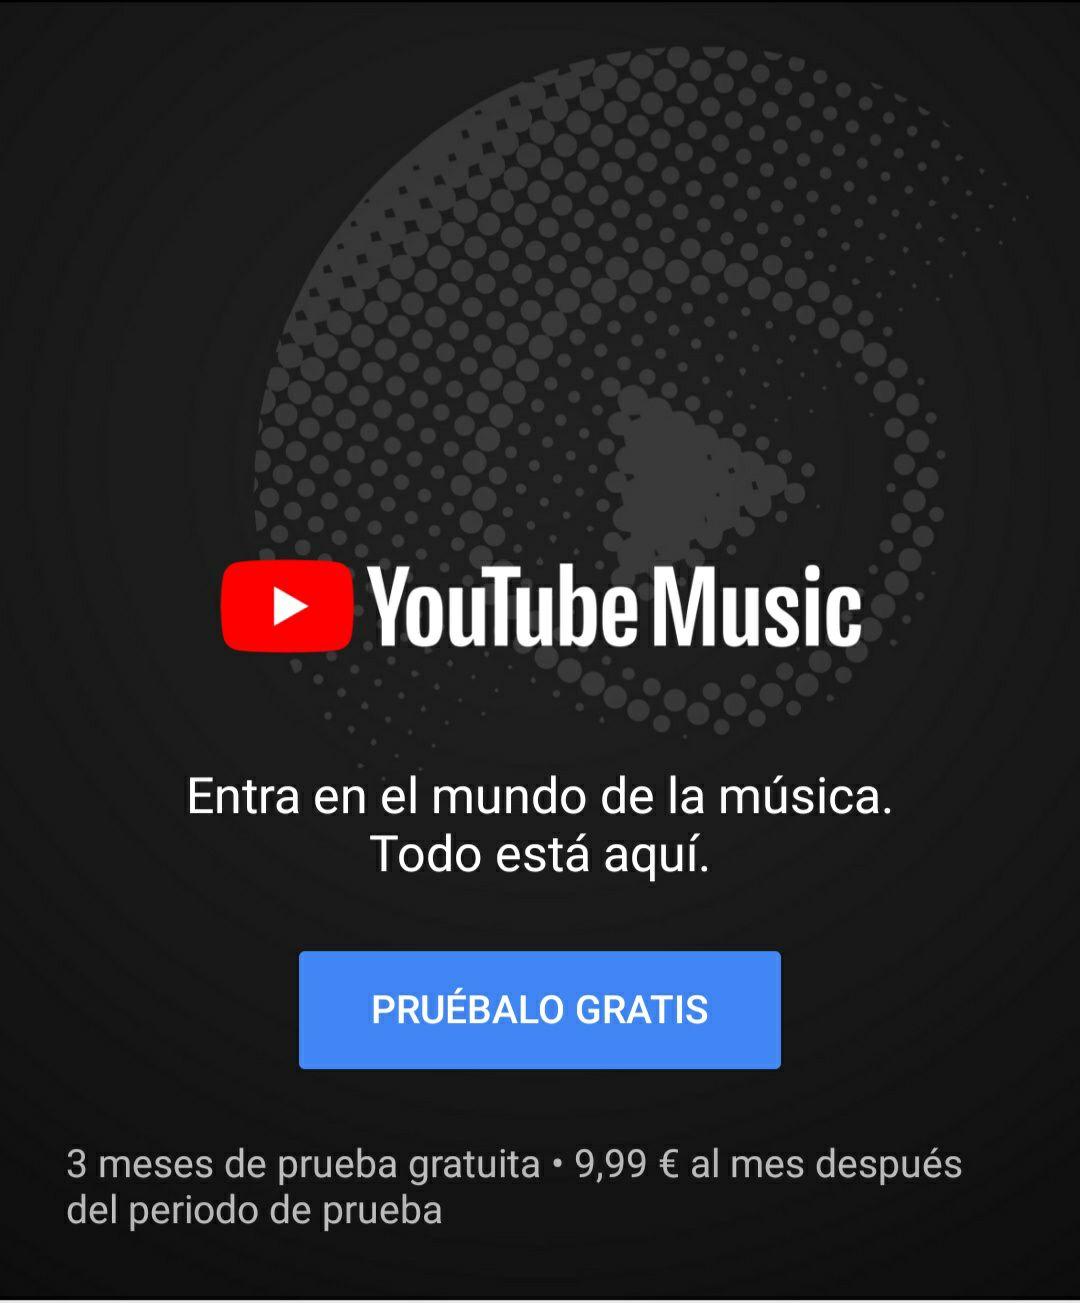 3 meses gratis con YouTube Music - (Nuevos usuarios)